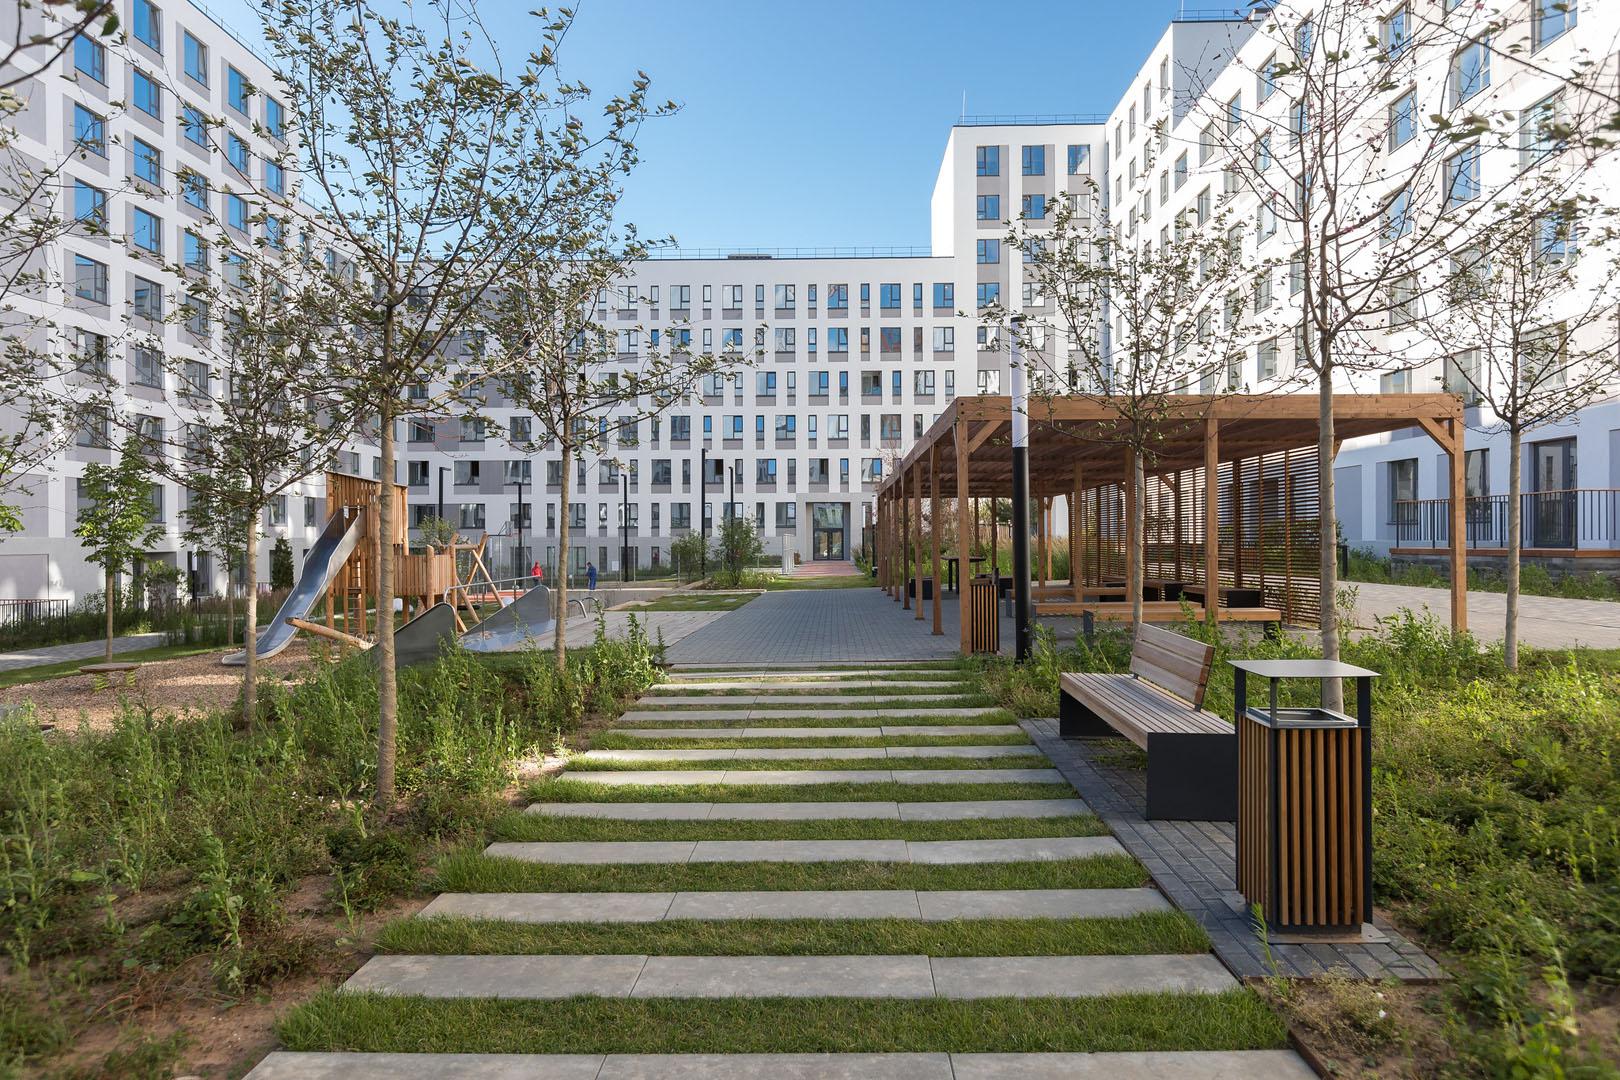 В Омске хотят построить экологичные кварталы, где приятно жить #Новости #Общество #Омск